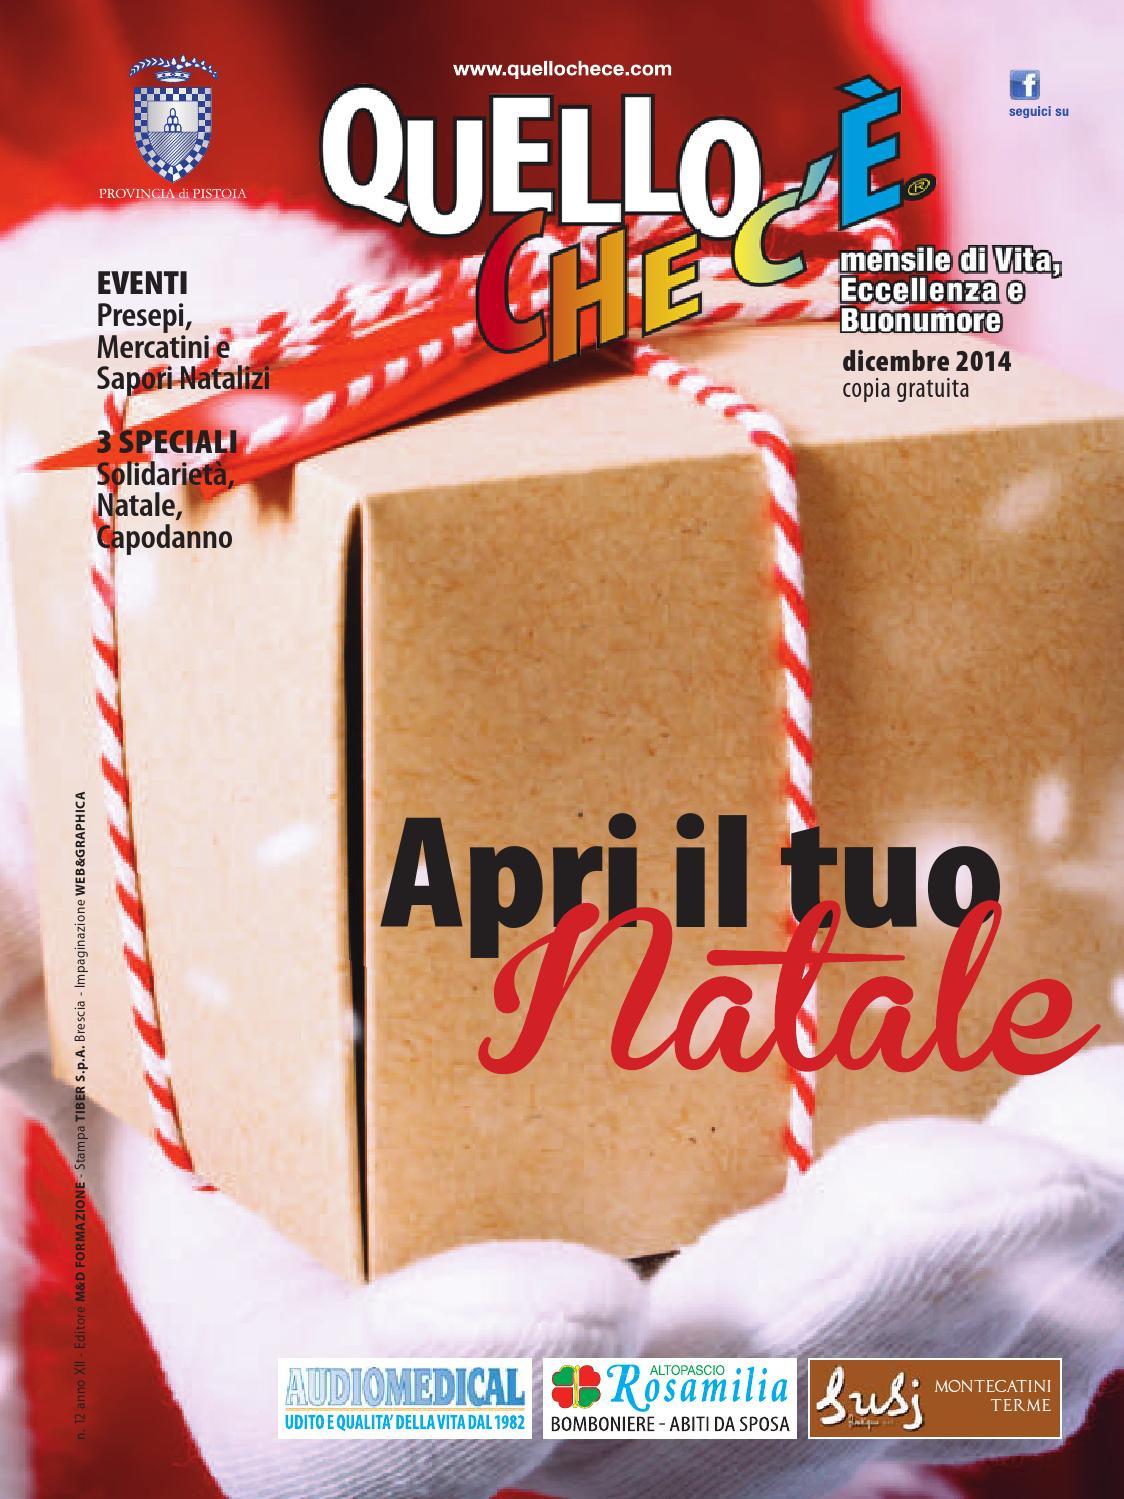 Quello che c è - Dicembre 2014 by quellochece.com - issuu c6a1b06fd8f